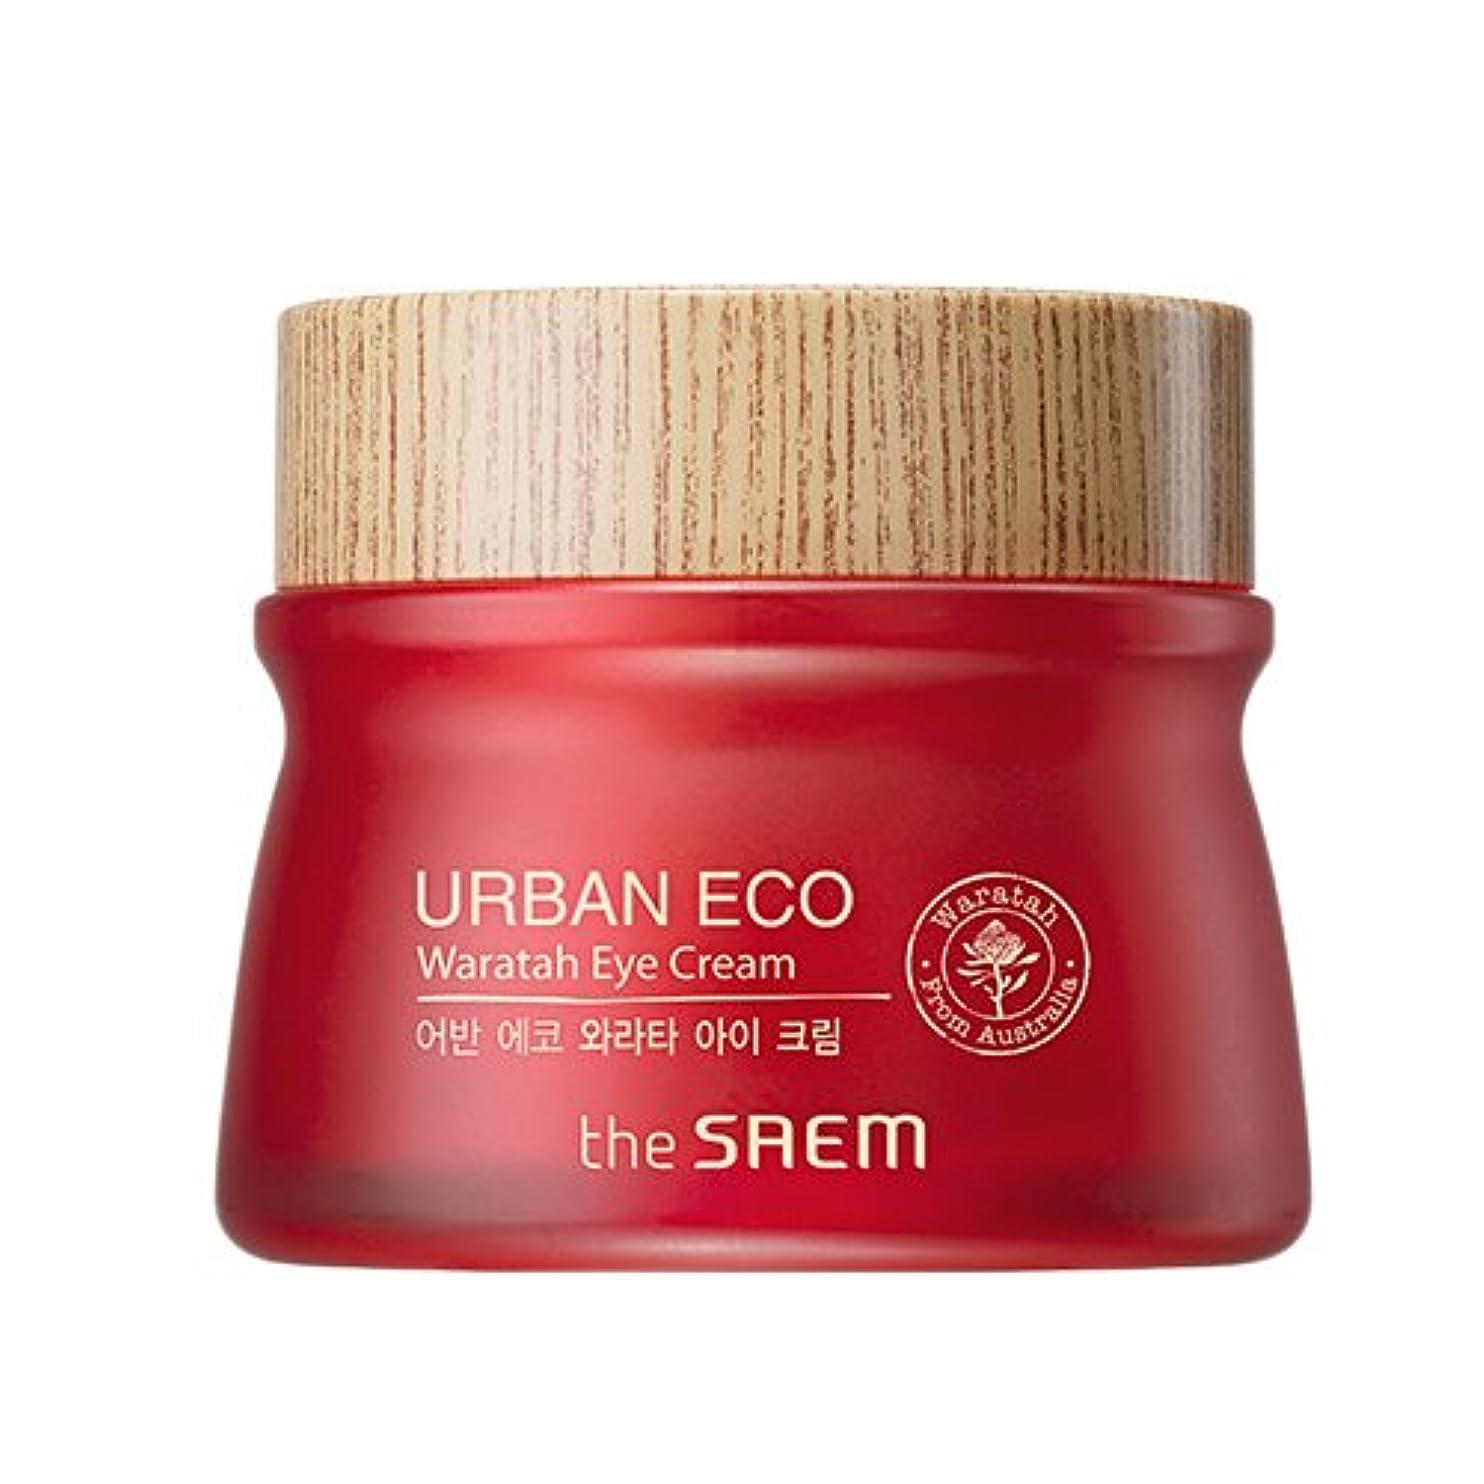 やろう記事ケープドセム アーバンエコワラターアイクリーム 30ml Urban Eco Waratah Eye Cream [並行輸入品]